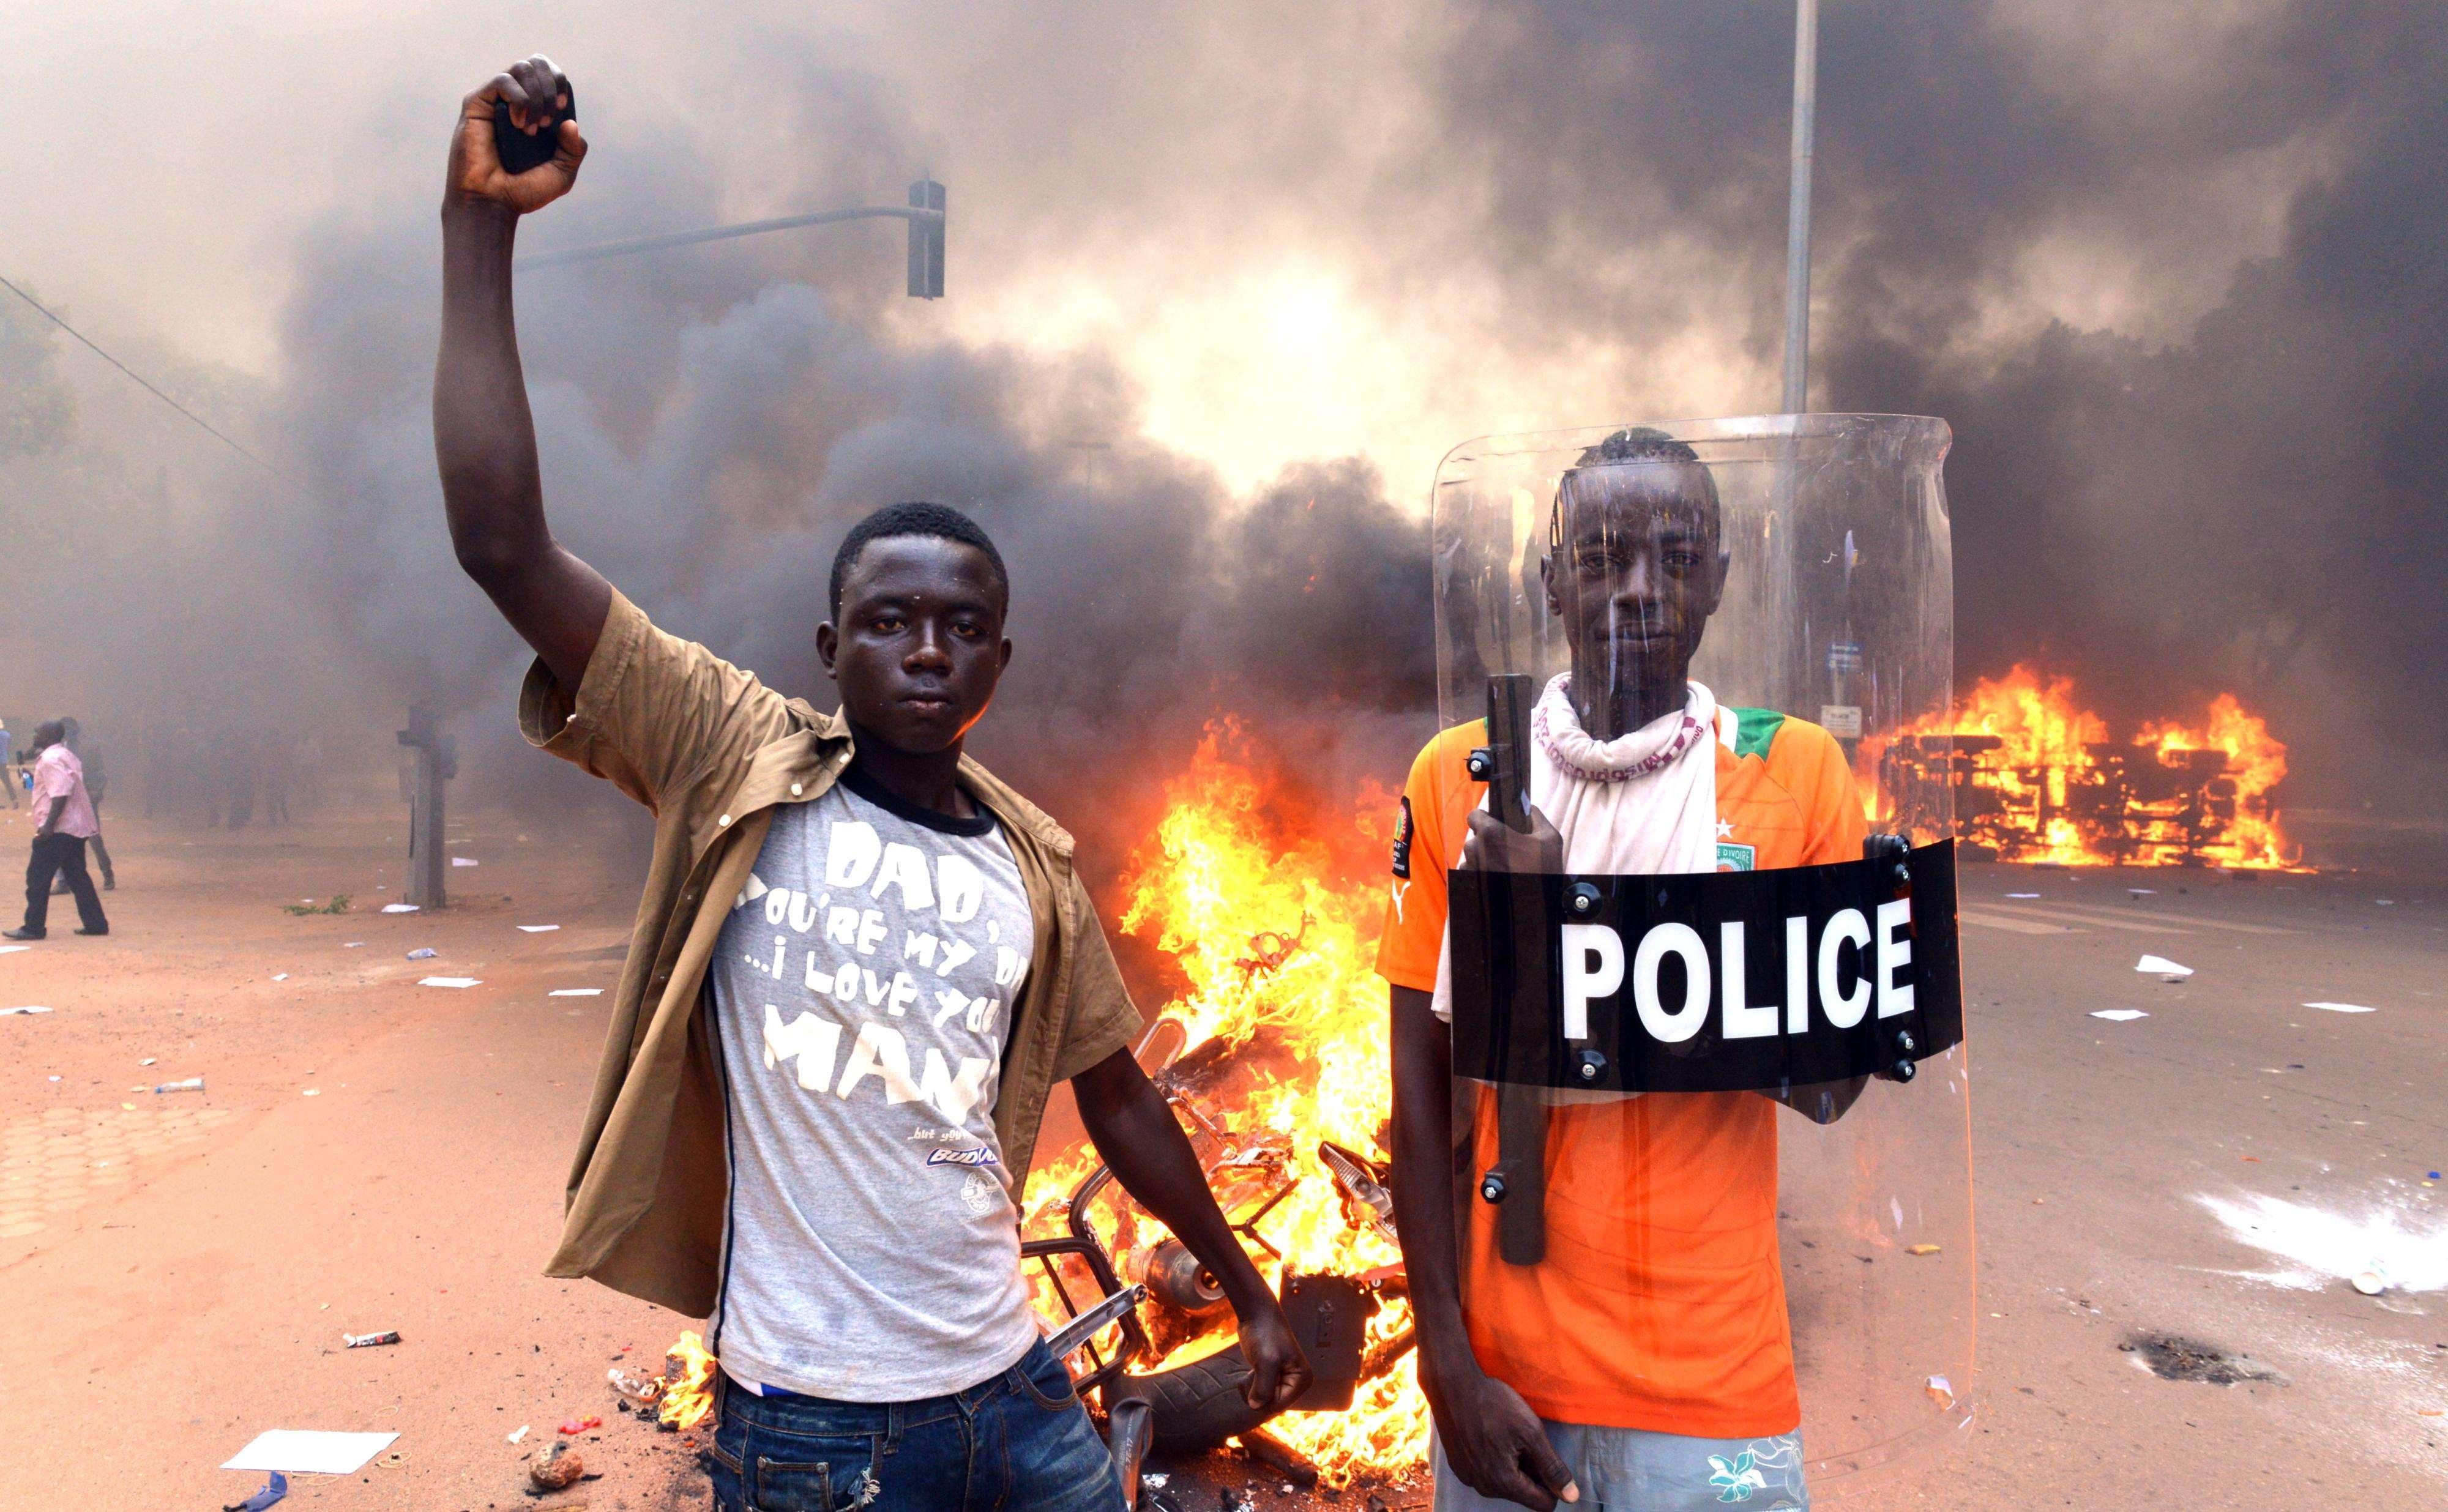 Protestos contra atual governo começaram na quarta-feira Foto: ISSOUF SANOGO/AFP